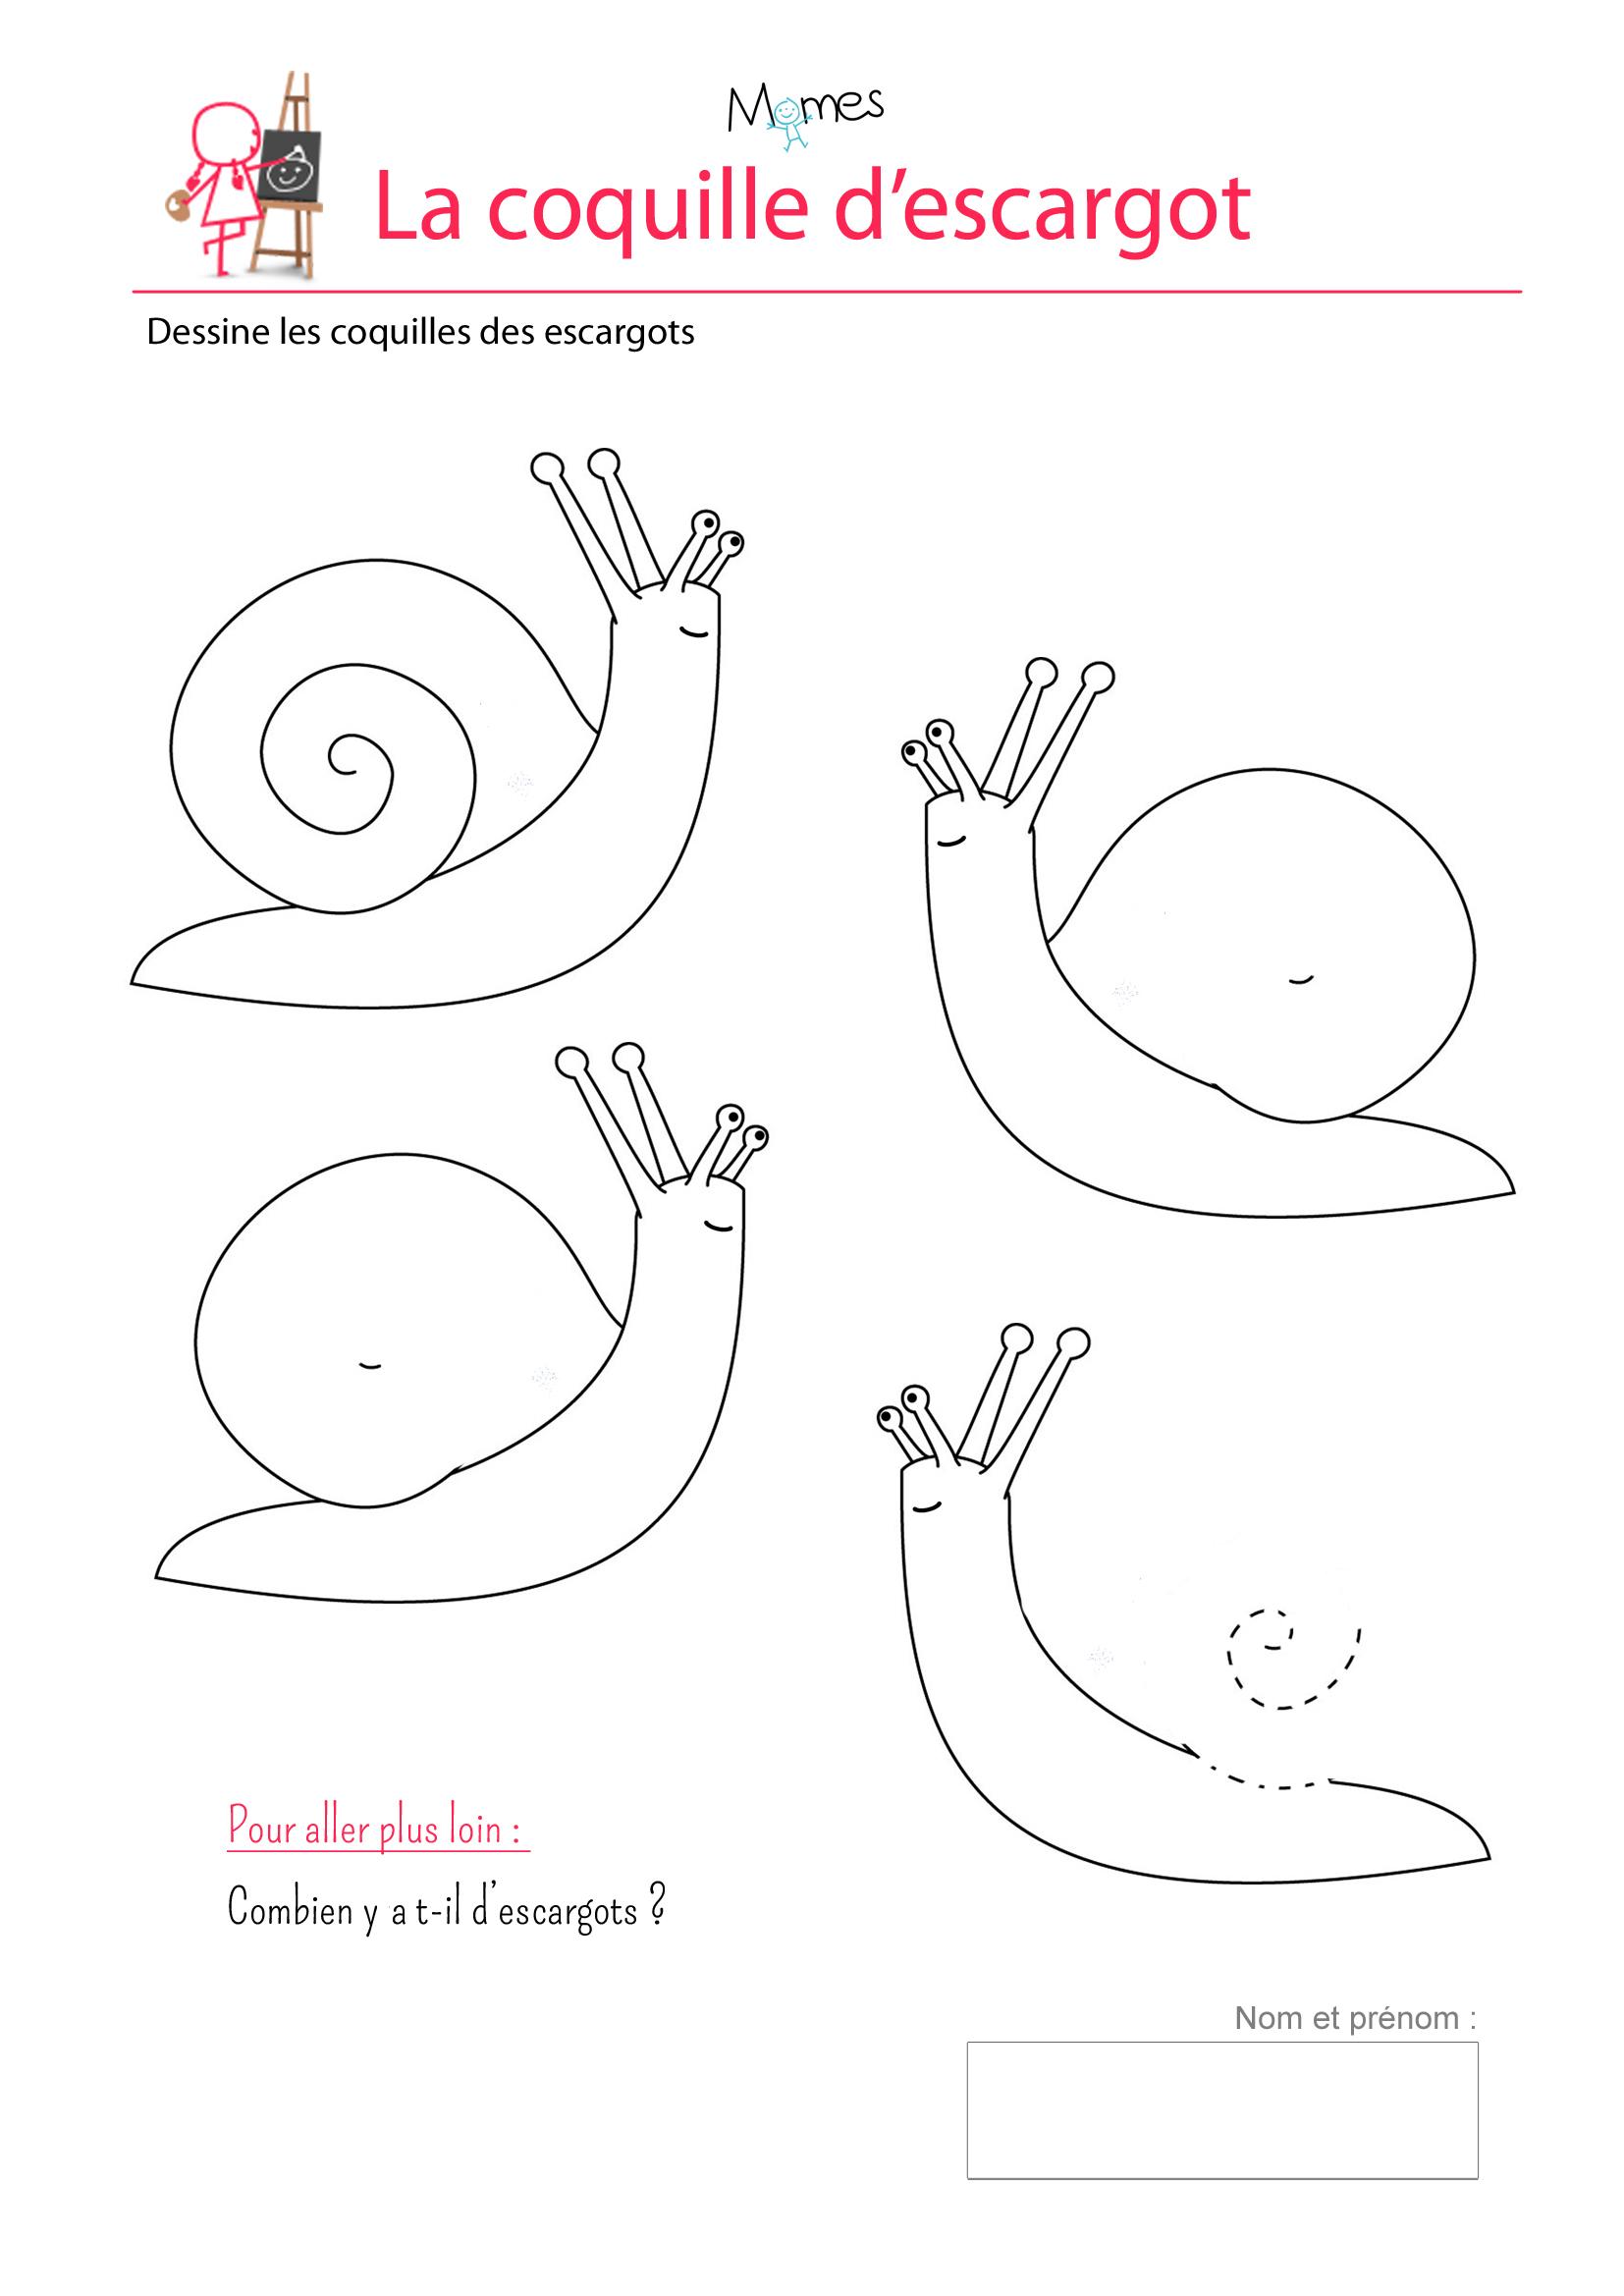 Extrêmement Les coquilles d'escargots - exercice sur les spirales - Momes.net FW69